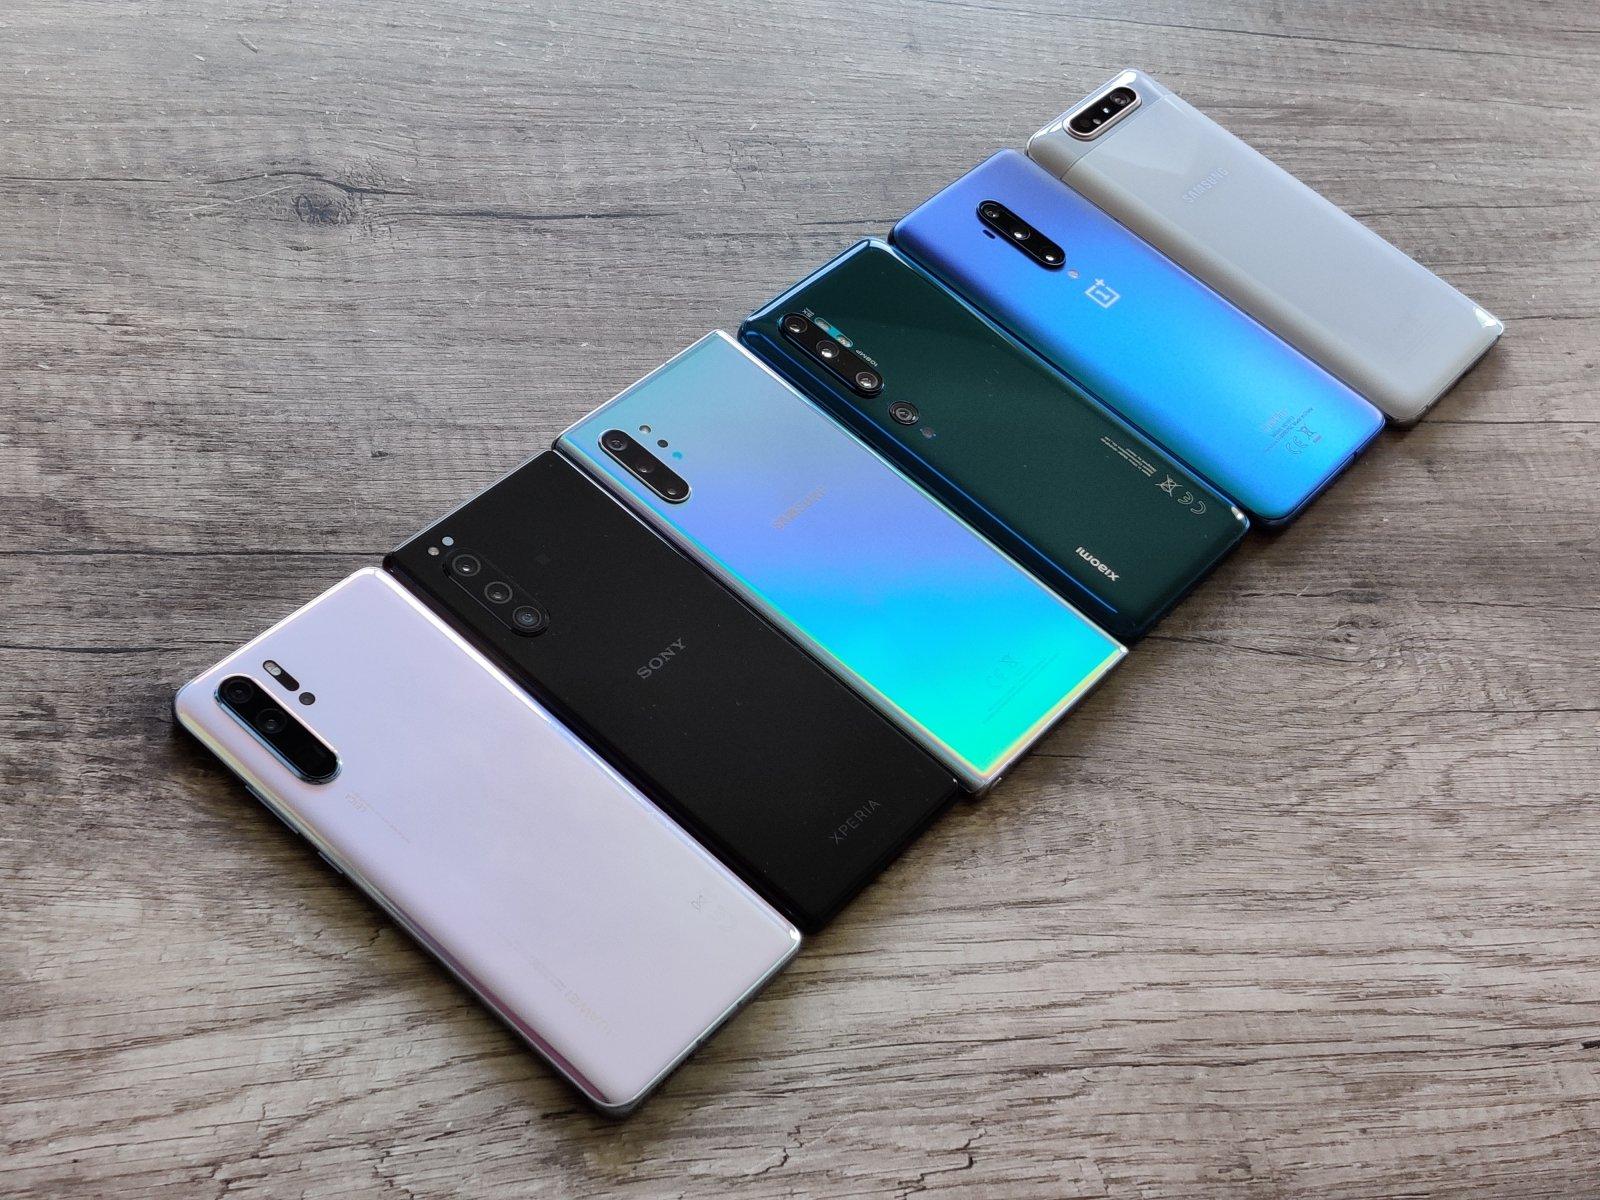 Populiariausi mobilūs telefonai | Kainalt